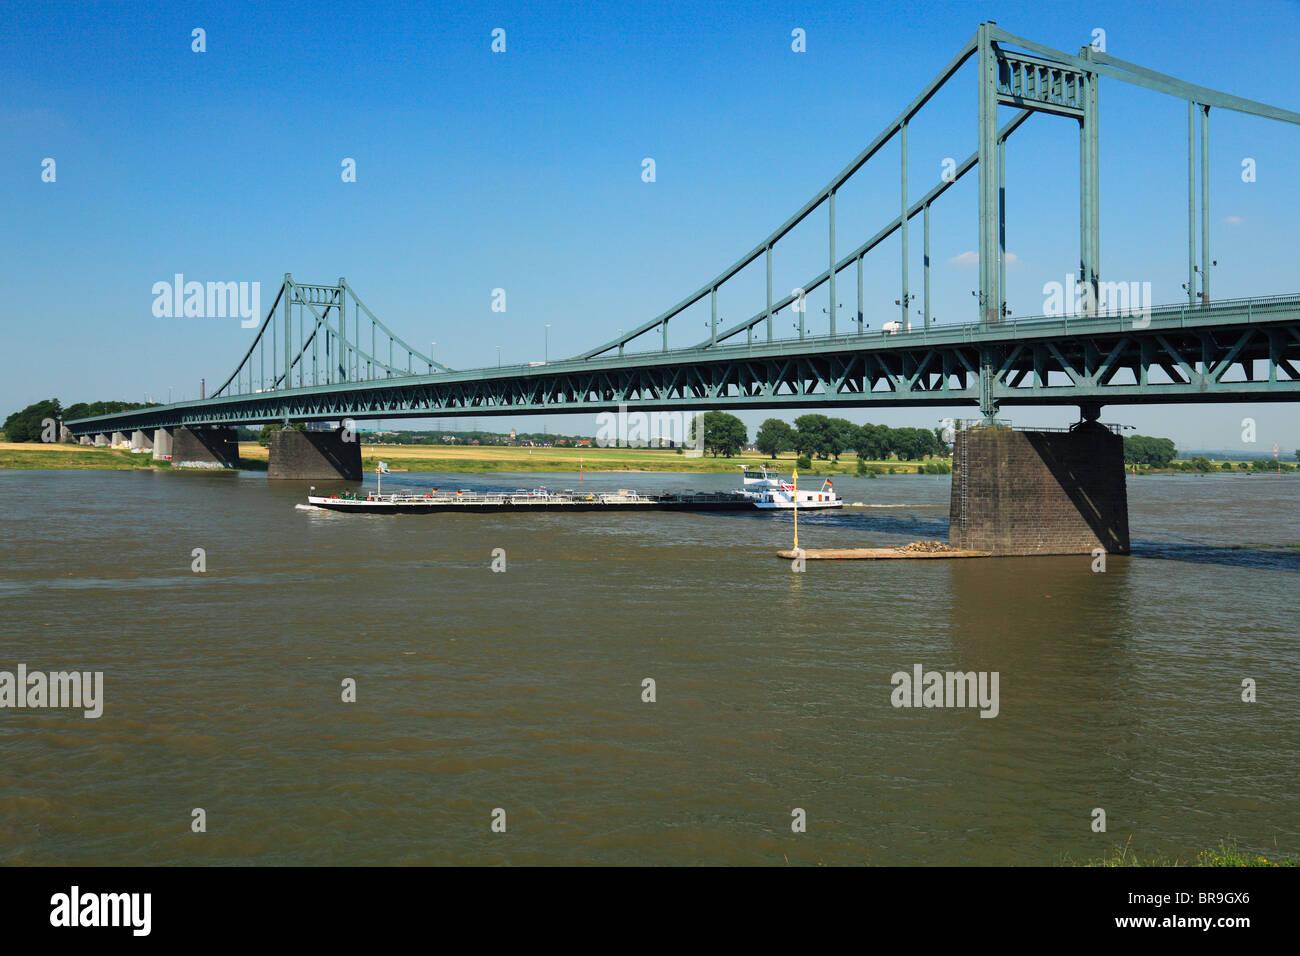 Frachtschiff auf dem Rhein, Rheinbruecke zwischen Duisburg-Muendelheim und Krefeld-Uerdingen, Rhein, Niederrhein, - Stock Image